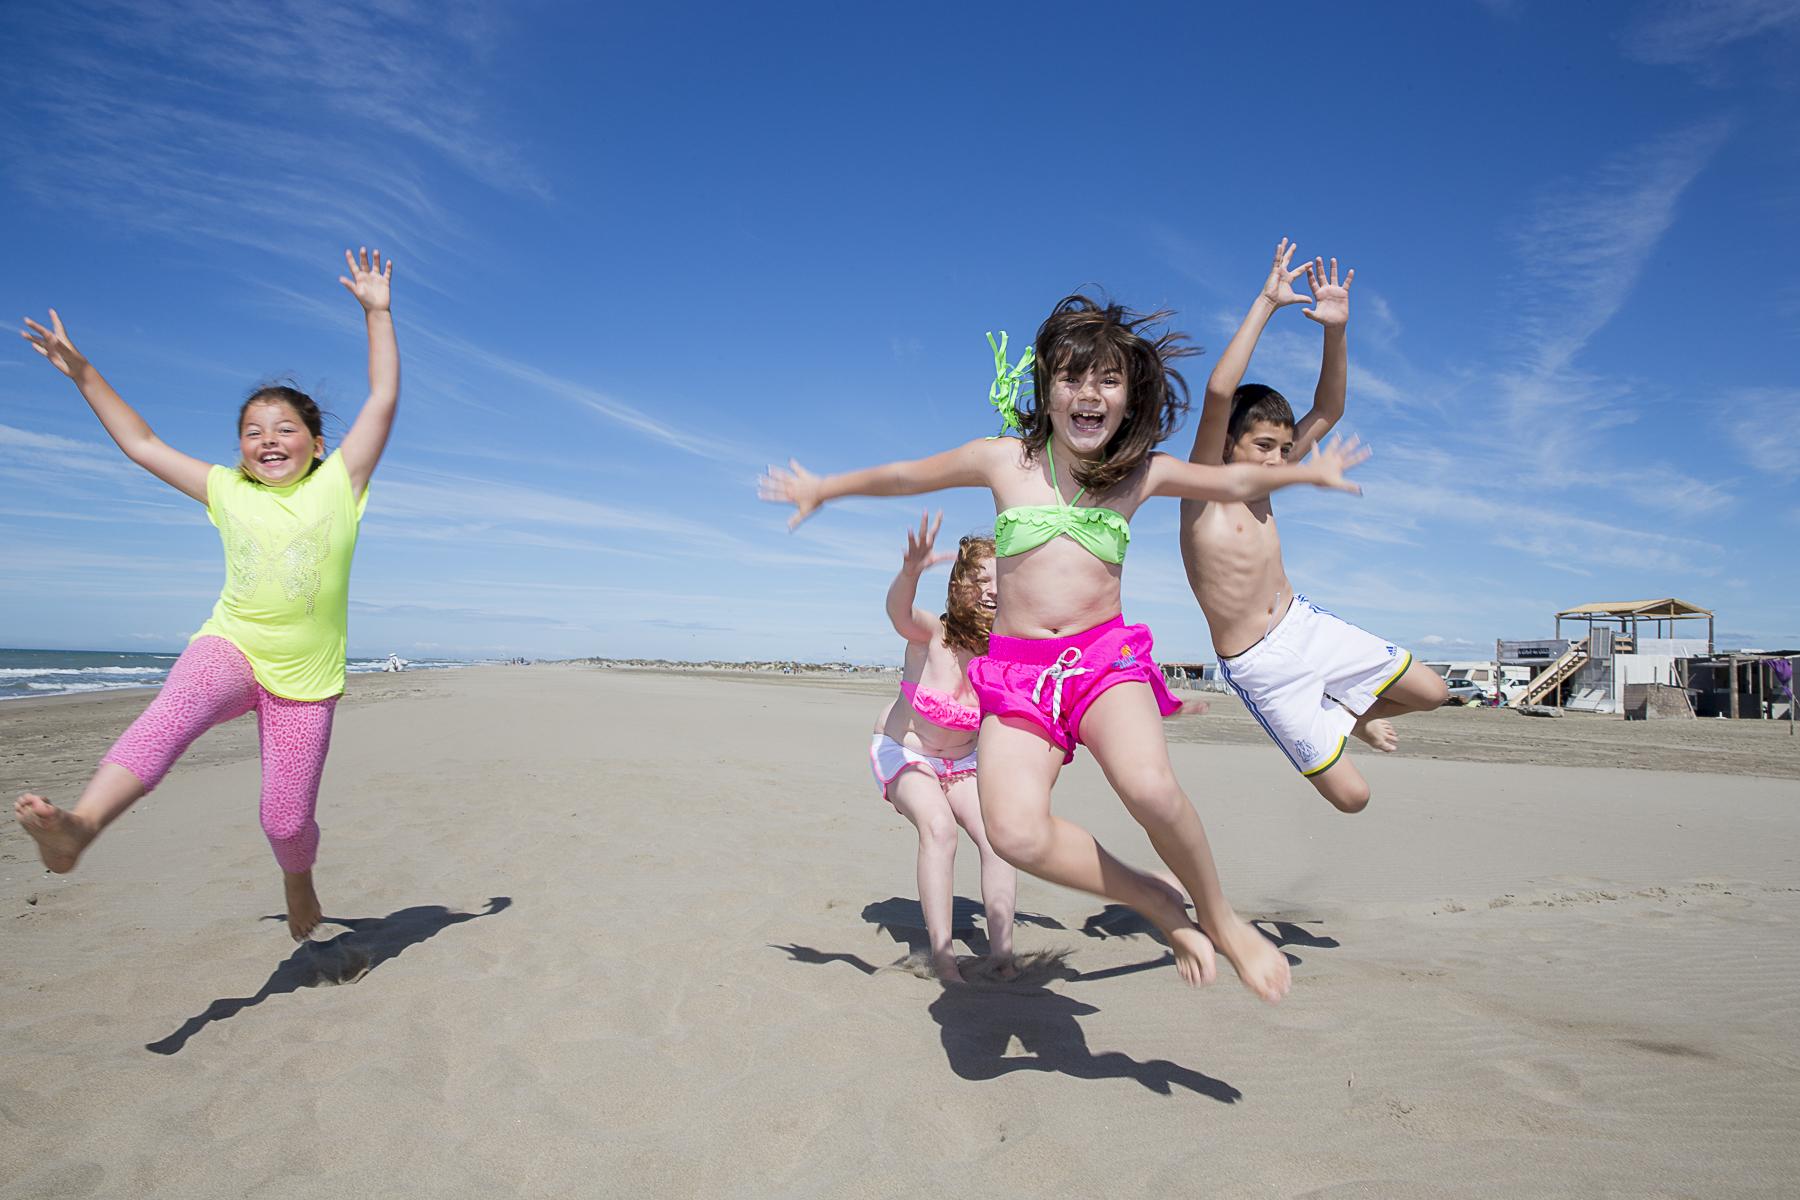 La plage de Piémenson à l\'embouchure du Rhône est la dernière plage en Europe ou le camping sauvage est toléré. Les deux grandes communautées présentent sont les naturistes, très soucieux de l\'environnement et passés maîtres dans l\'art de la construction de cabanons en bois flotés et les \{quote}textils\{quote} vivant plutôt dans des caravannes, ils sont des bons vivants...de gauche à droite, Cloé 7 ans, Maissa 8 ans, Angélina 9 ans et Killian 11ans